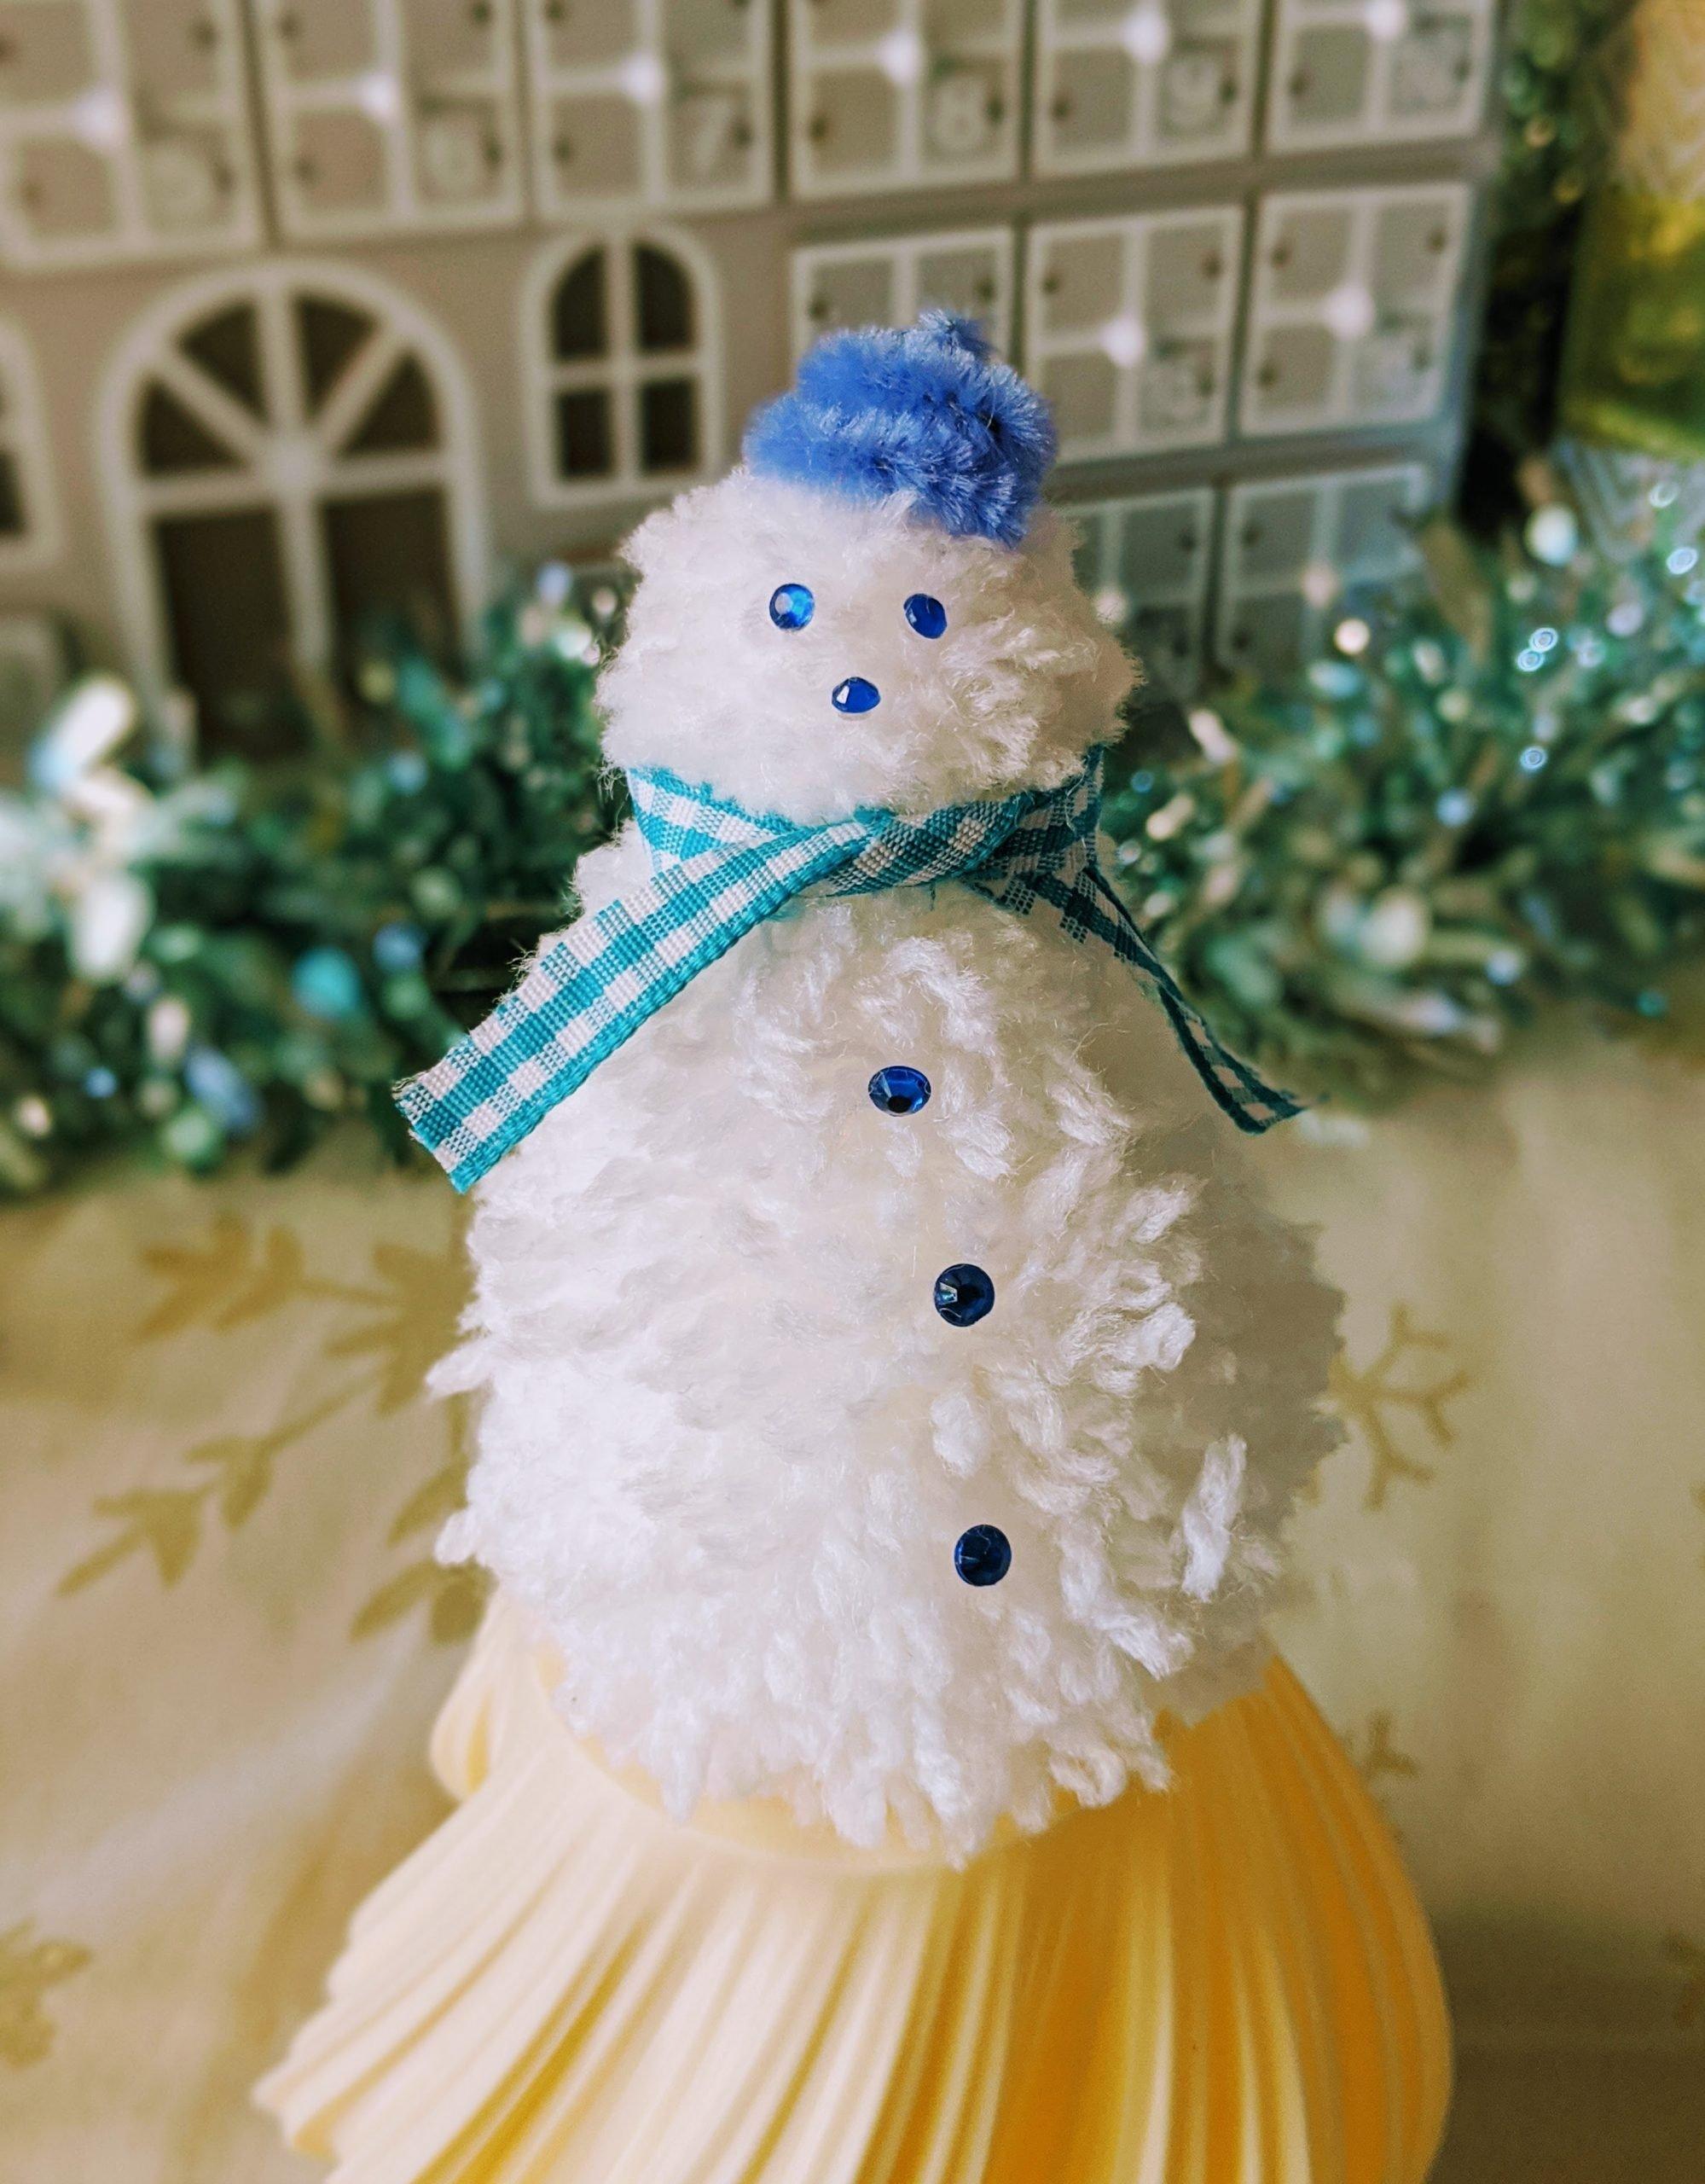 Close up of pom pom snowman